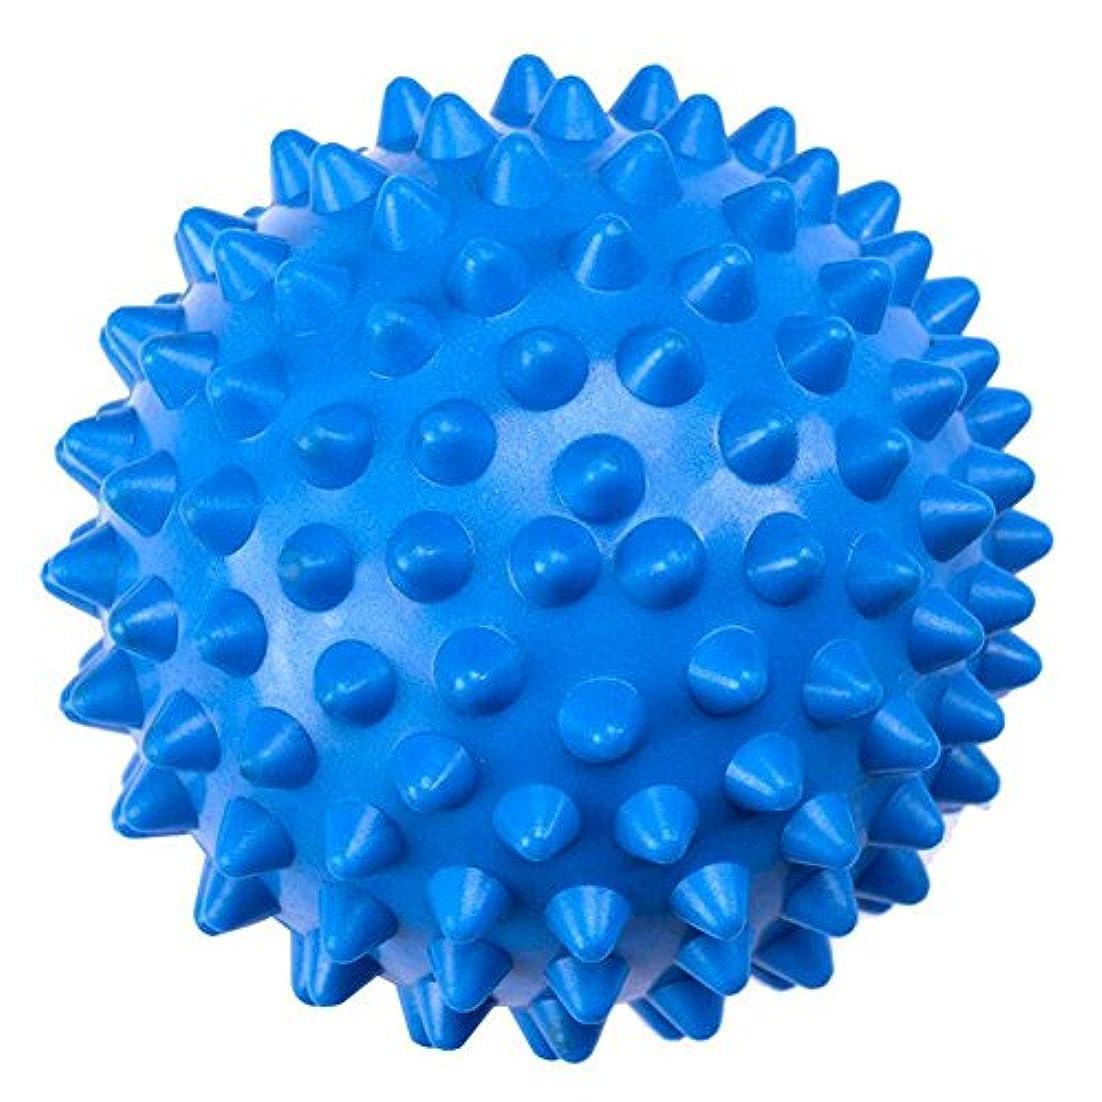 移住する雨の真似るHiCollie マッサージボール 触覚ボール リフレックスボール トレーニングボール ポイントマッサージ 筋筋膜リリース 筋肉緊張和らげ 血液循環促進 6cm